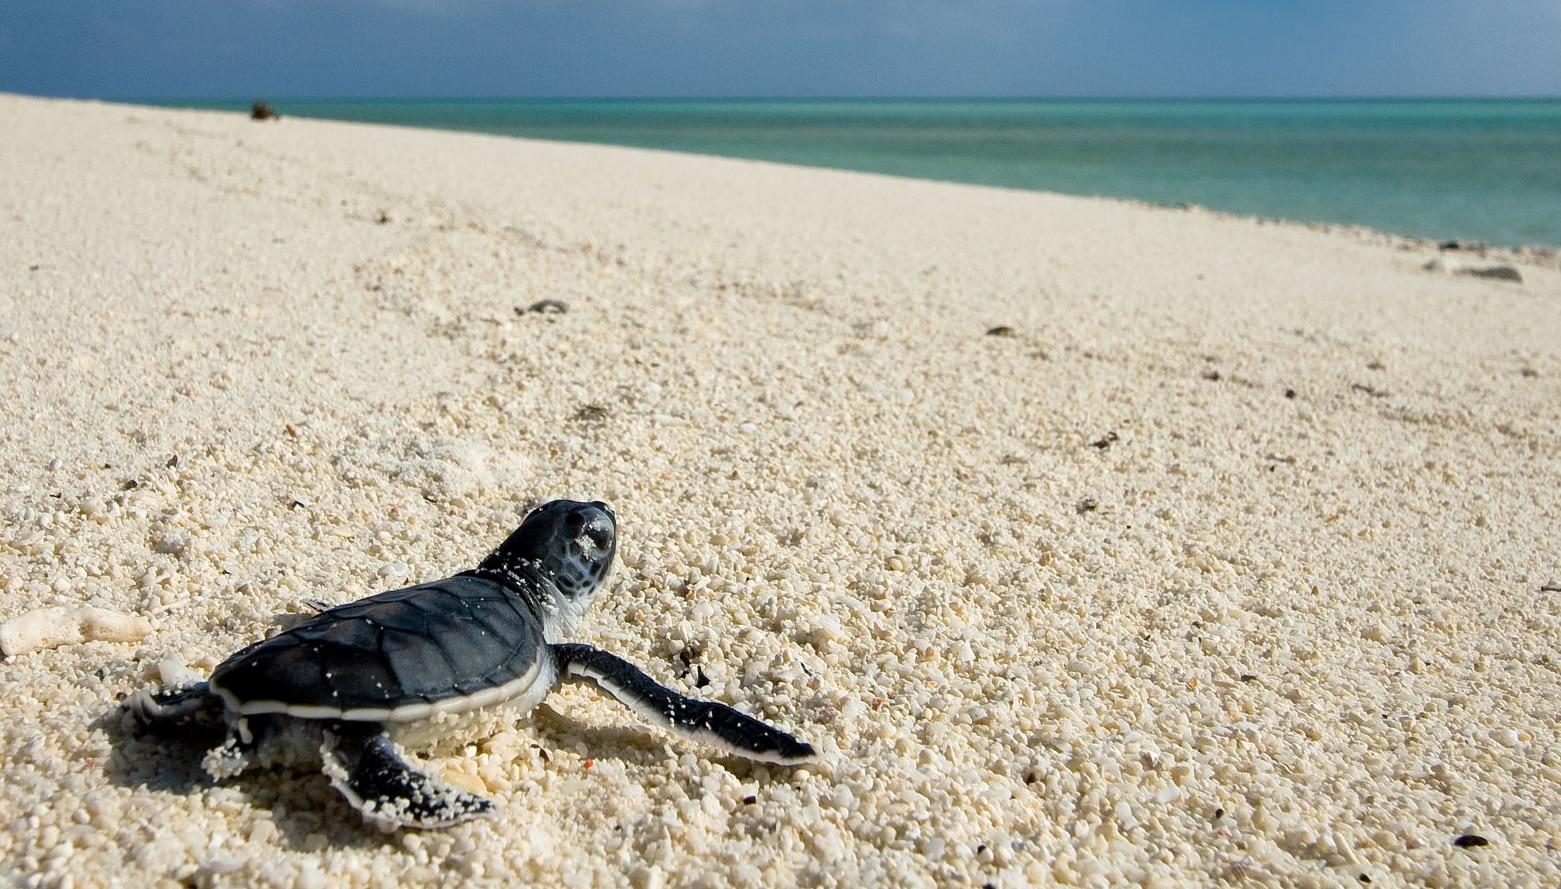 Țestoasă pe una din plajele albe din Akumal